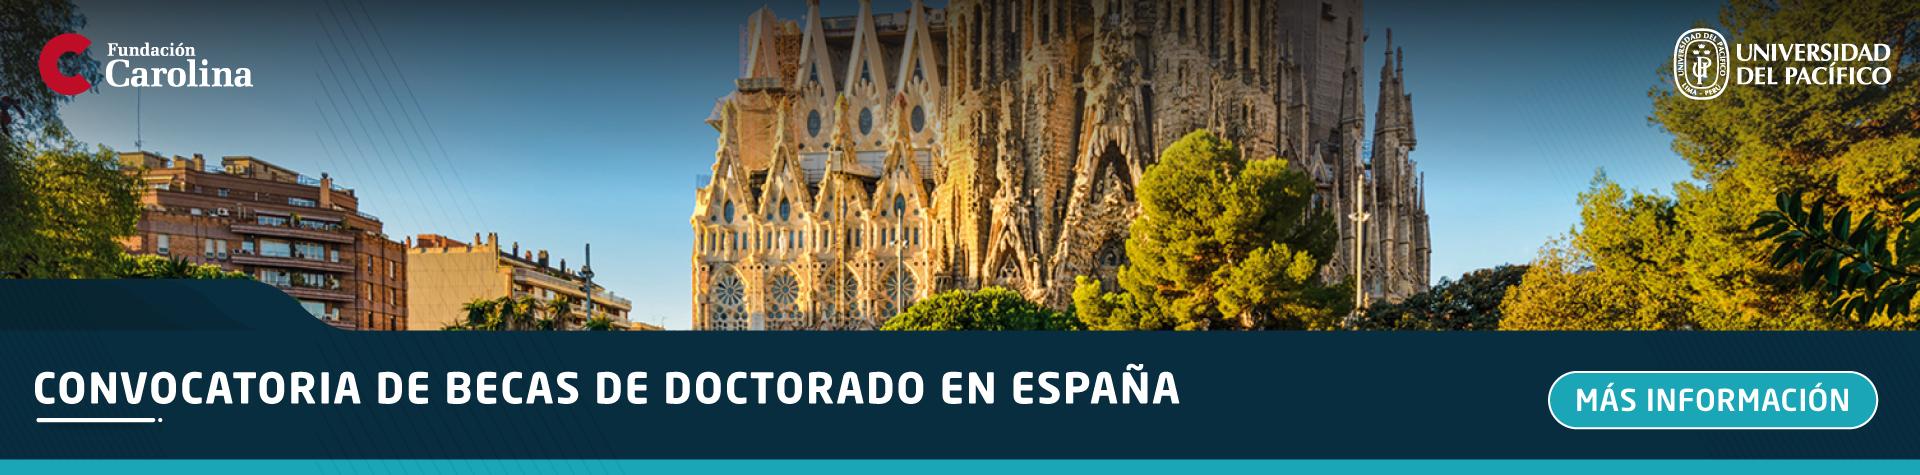 banner-principal_doctorado_web